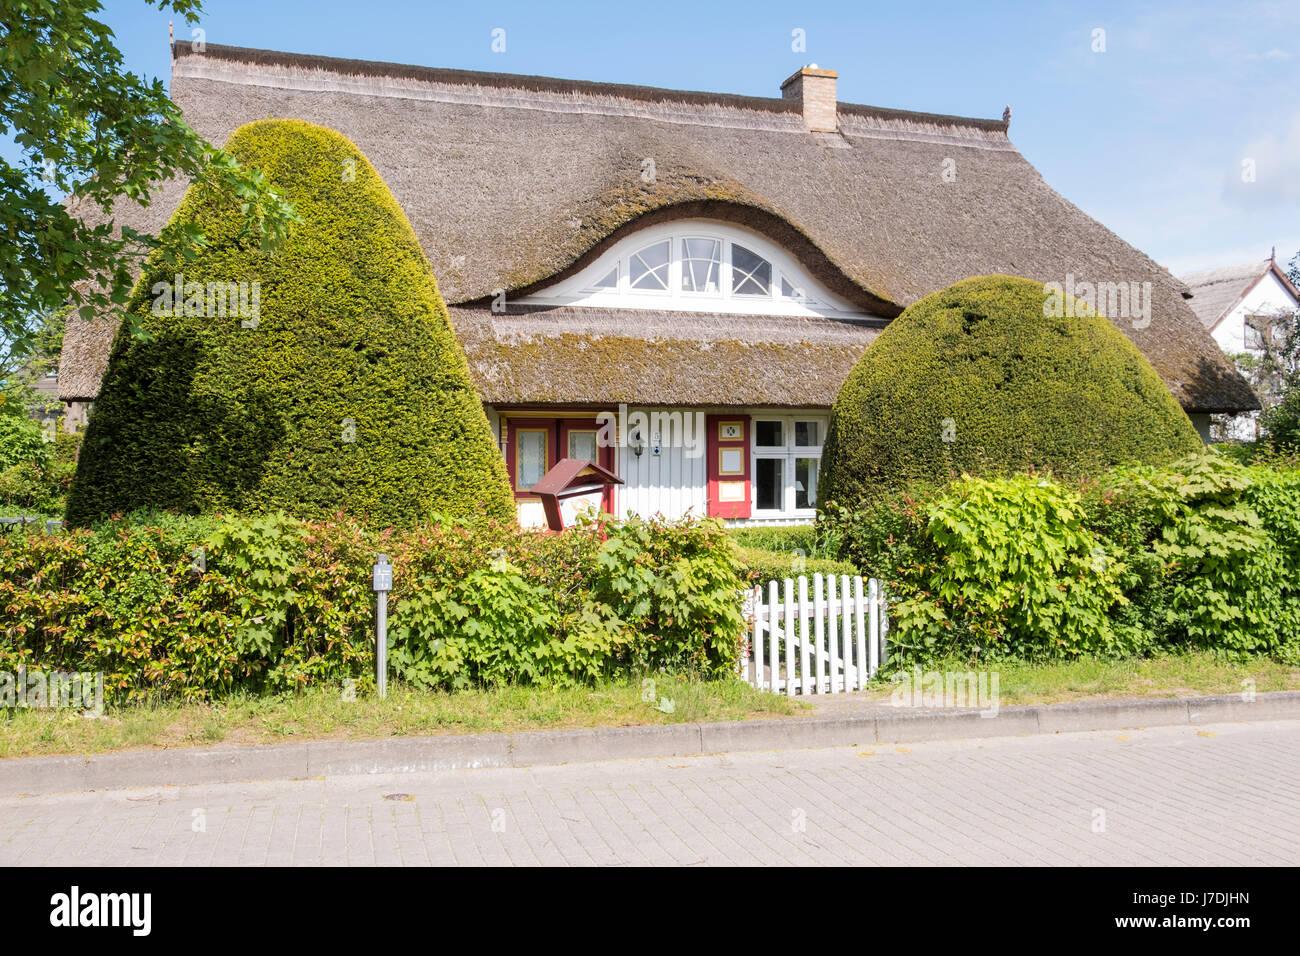 Typische Reetdachhaus in Born Auf Dem Darß, Mecklenburg-Vorpommern, Deutschland Stockbild